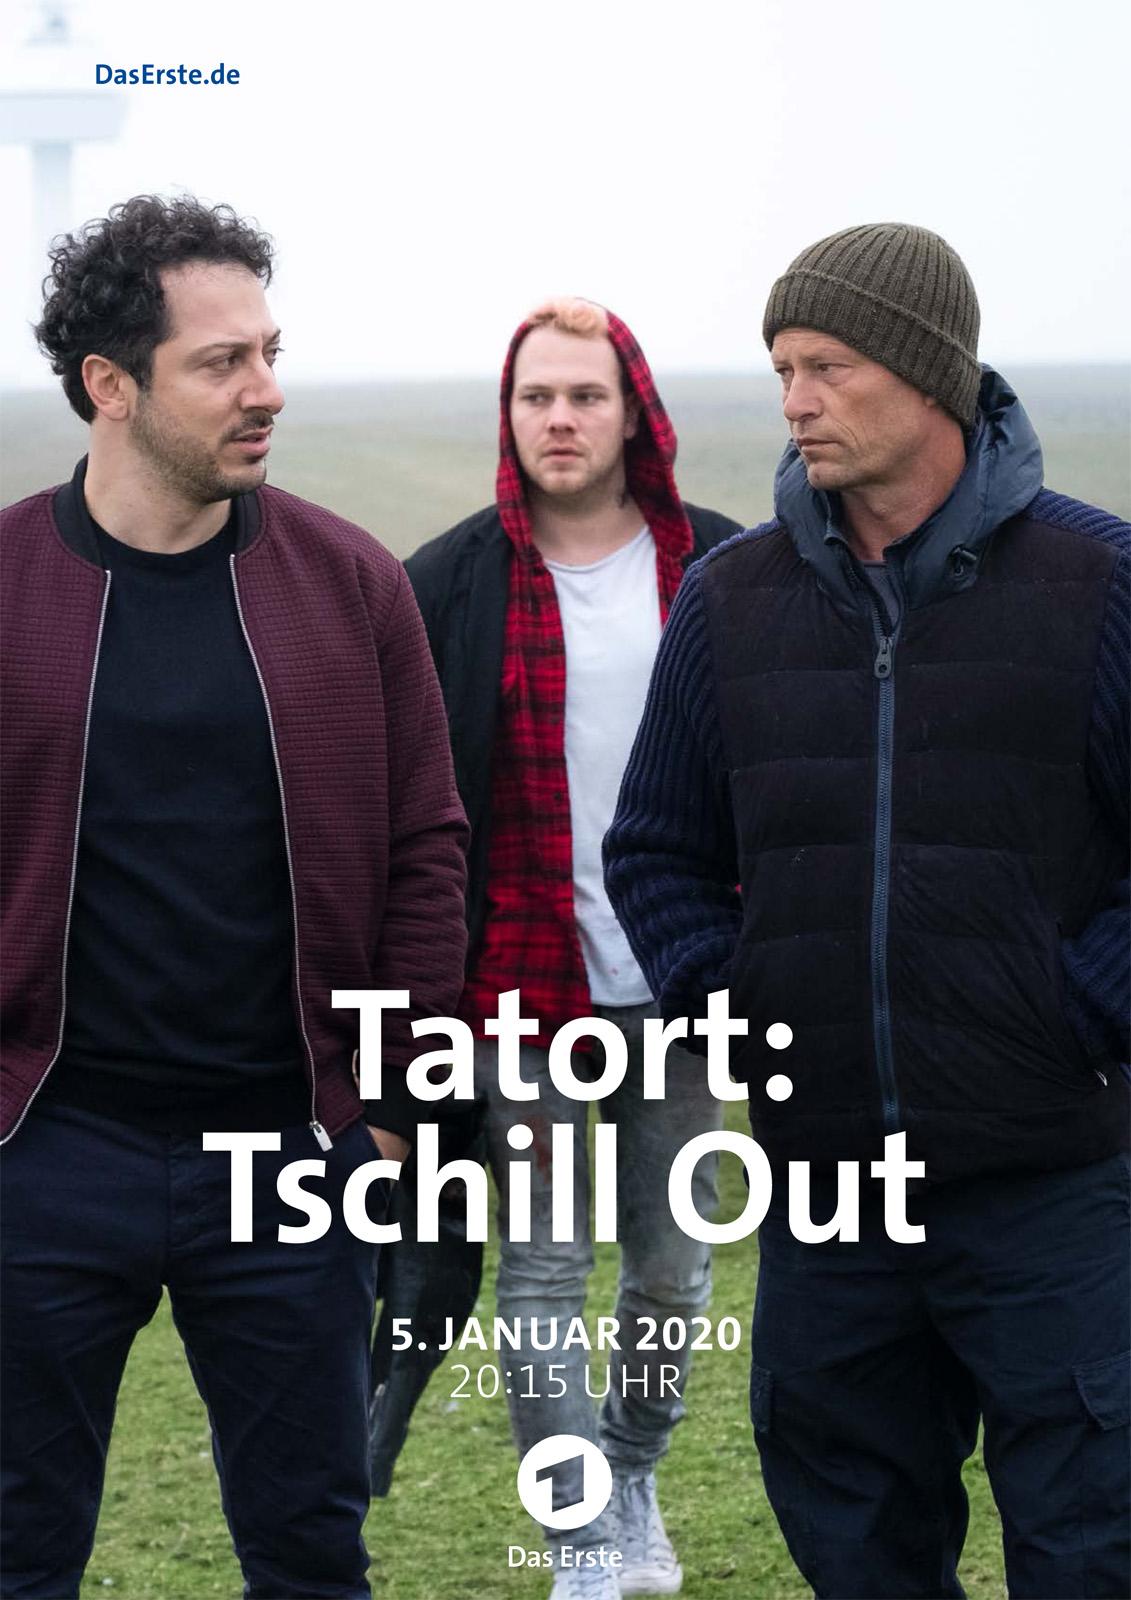 Tatort Tschill Out